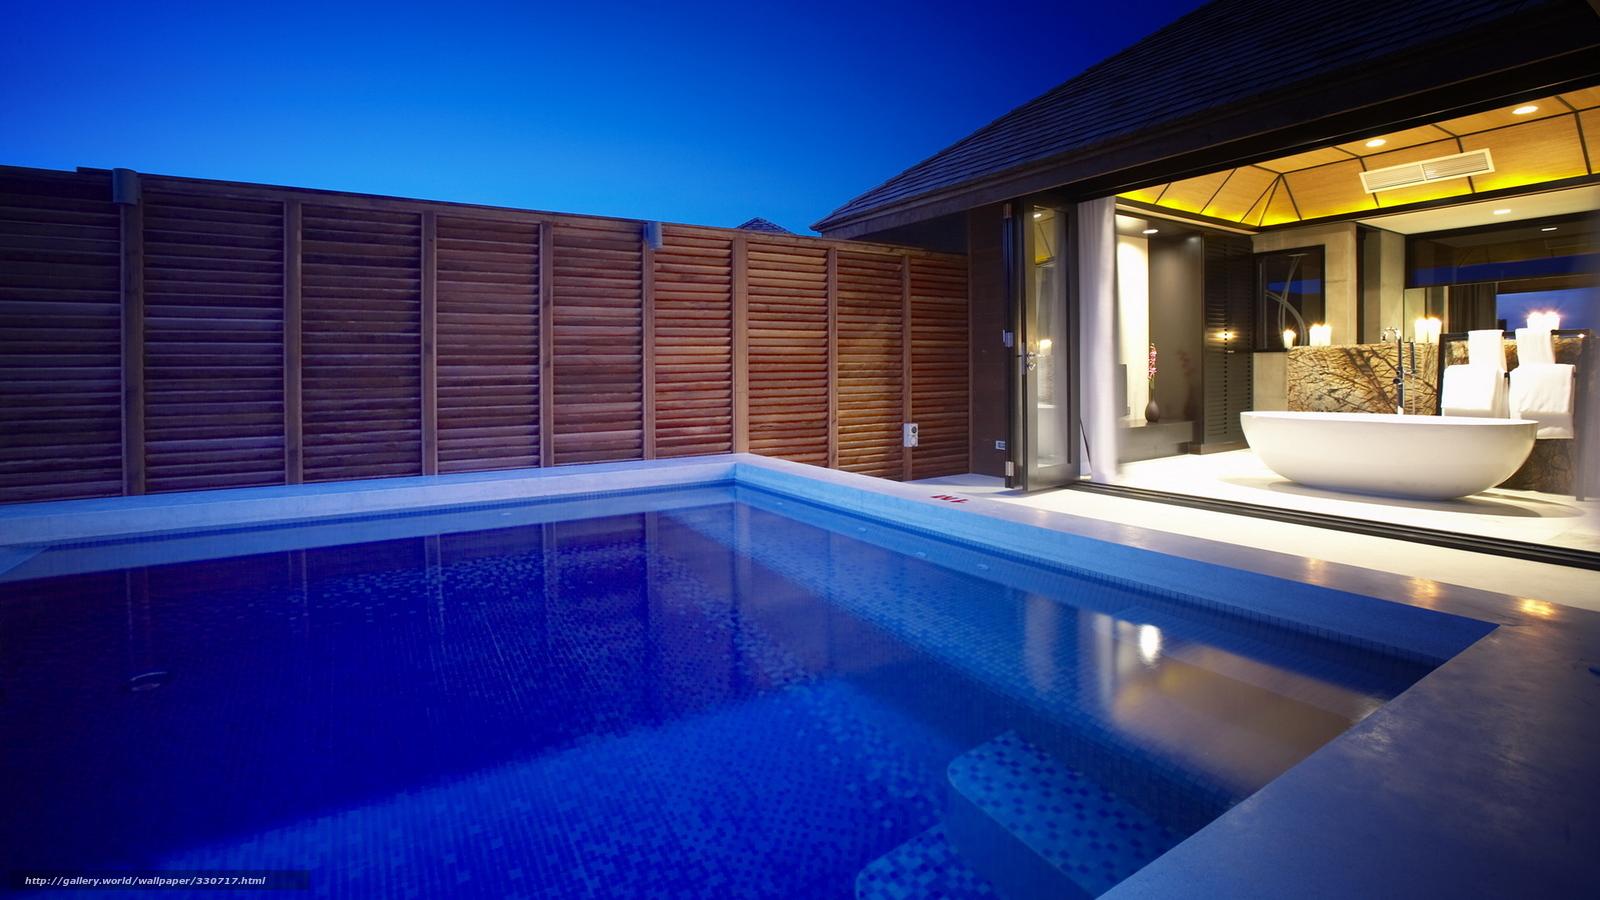 Descargar gratis interior piscina agua casa fondos de escritorio en la resolucin 1920x1080 - Piscina interior casa ...